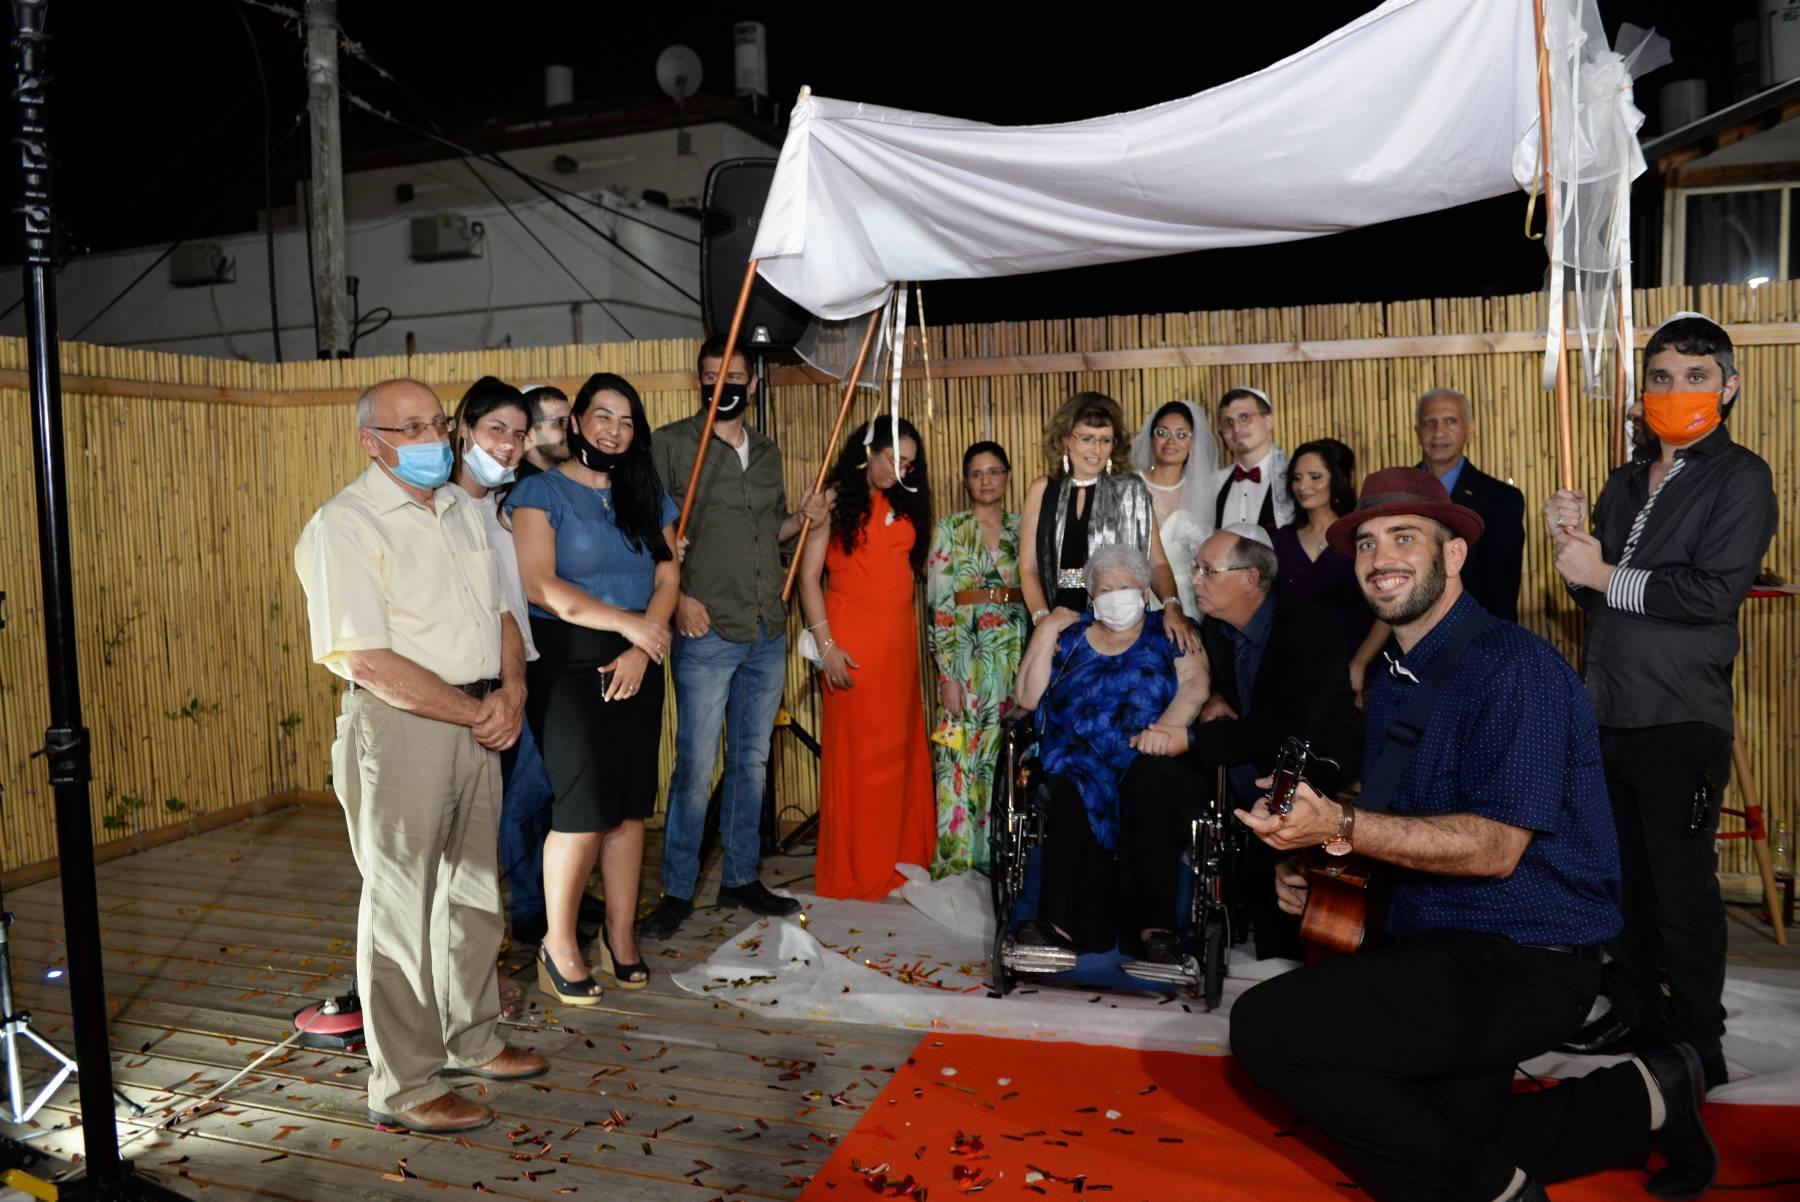 ראש עיריית חולון מוטי ששון יחד עם בני הזוג דפנה ארזי ואלון שחק שנישאו בגסיקה-שלוחת מרכז הצעירים בחולון. צילום-טל קירשנבאום (2)